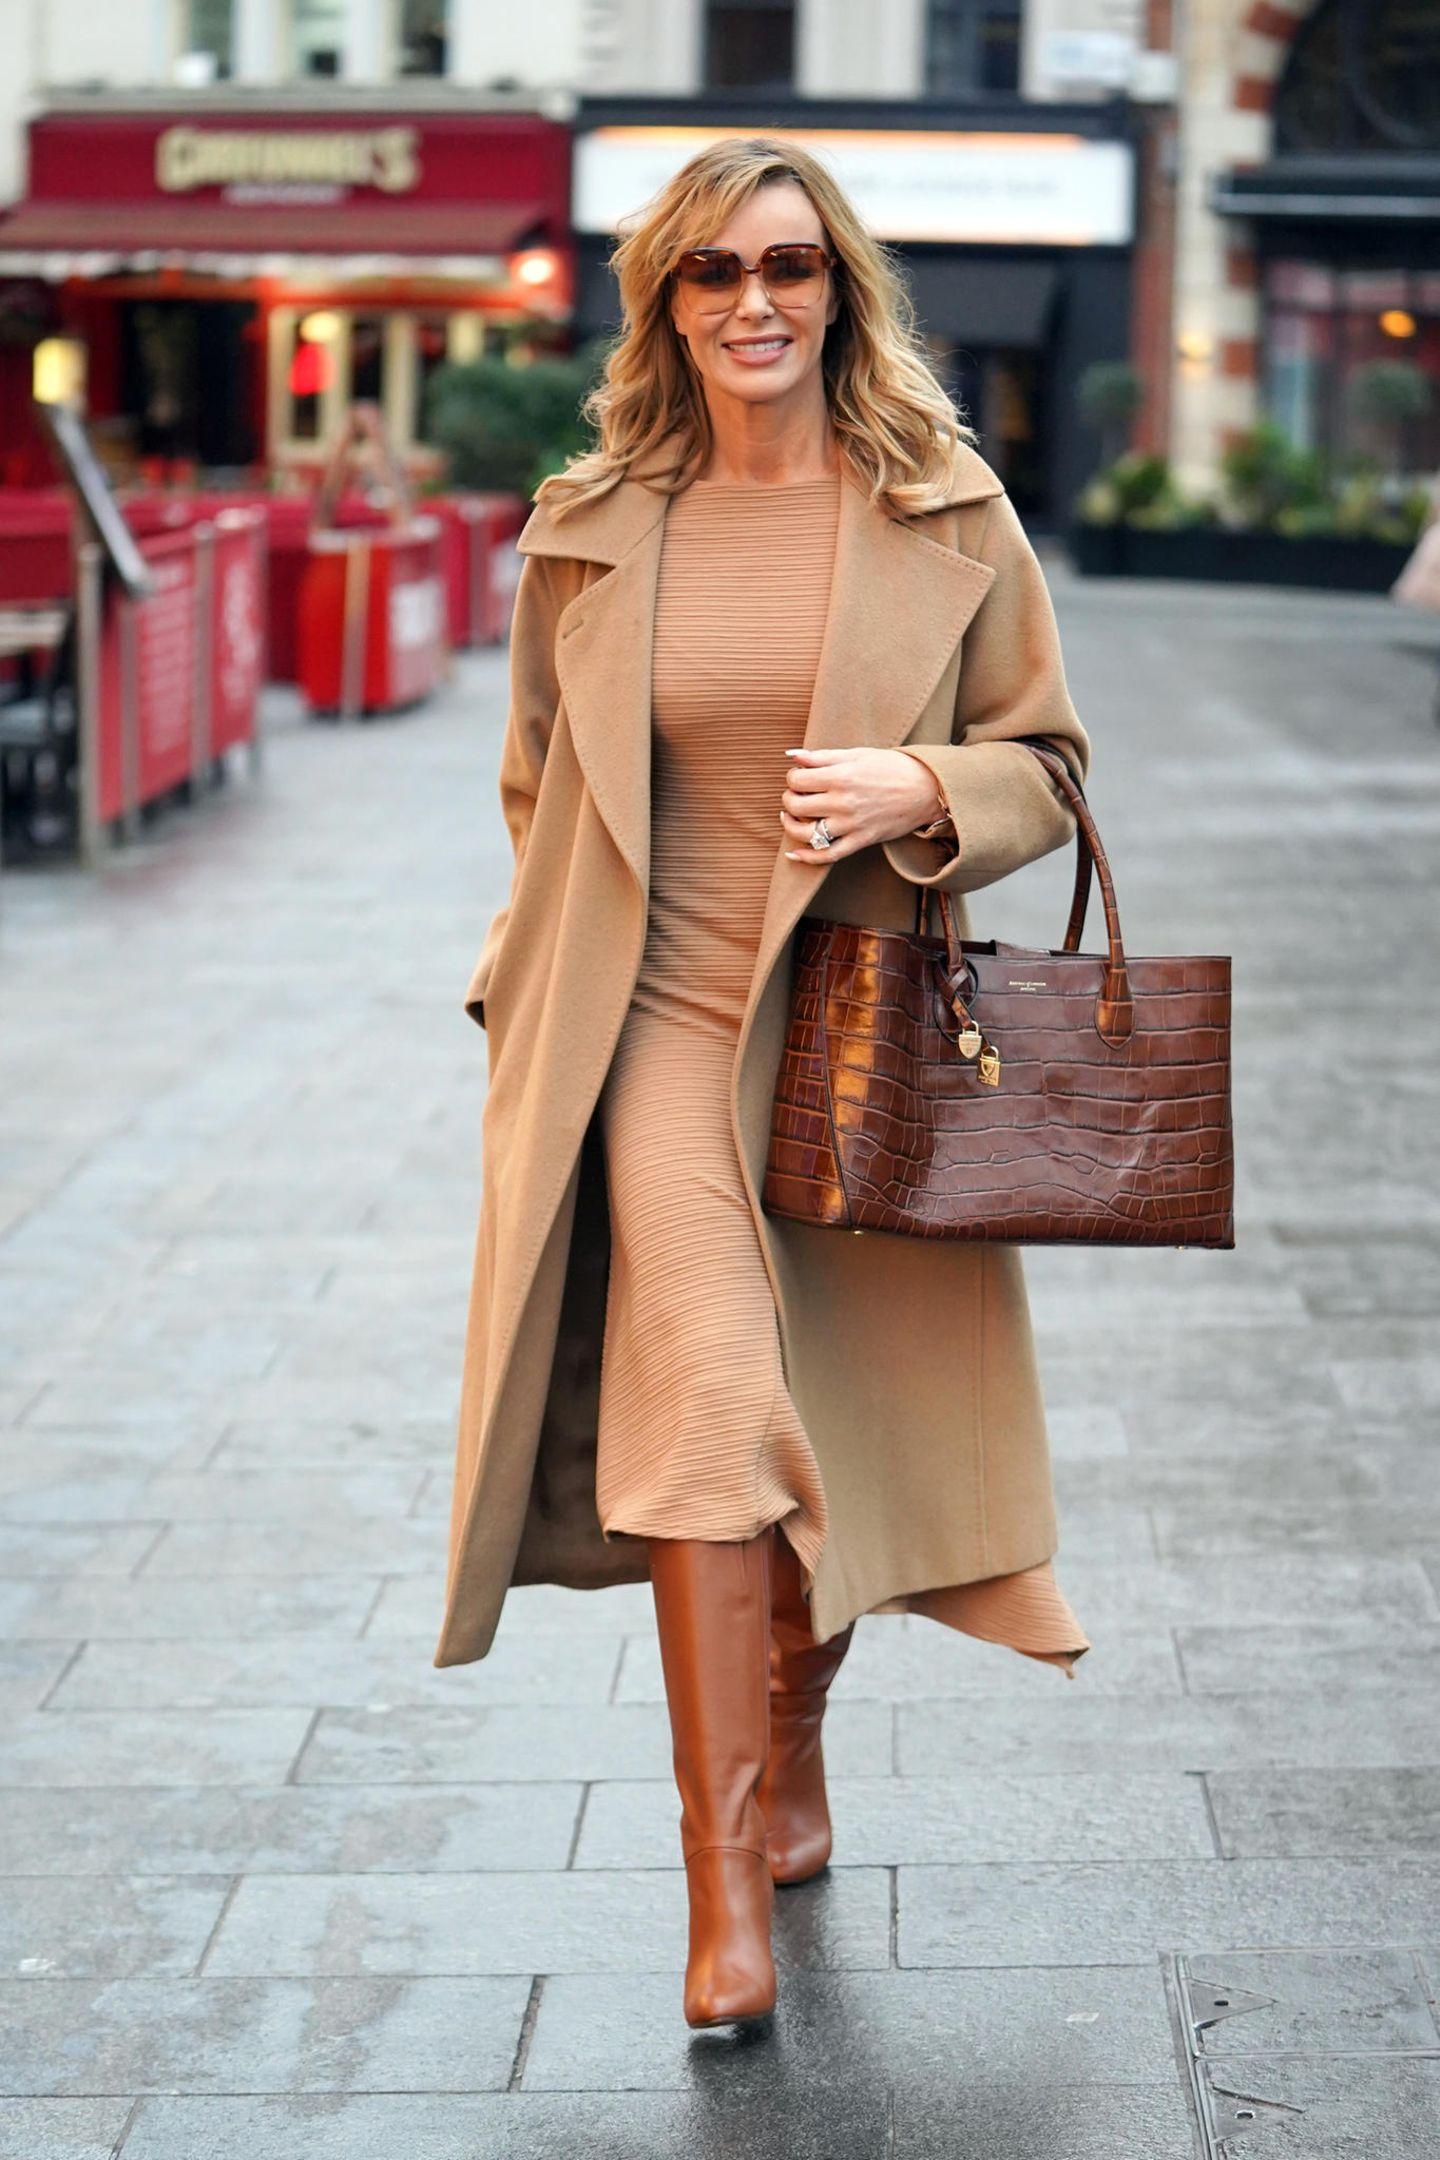 ...den wir auch schon ähnlich bei Amanda Holden gesehen haben. Anstatt auf einen dunkelbraunen Rocksetzt sie auf eine kastanienbraune Tasche und dunkelbraune Stiefel.